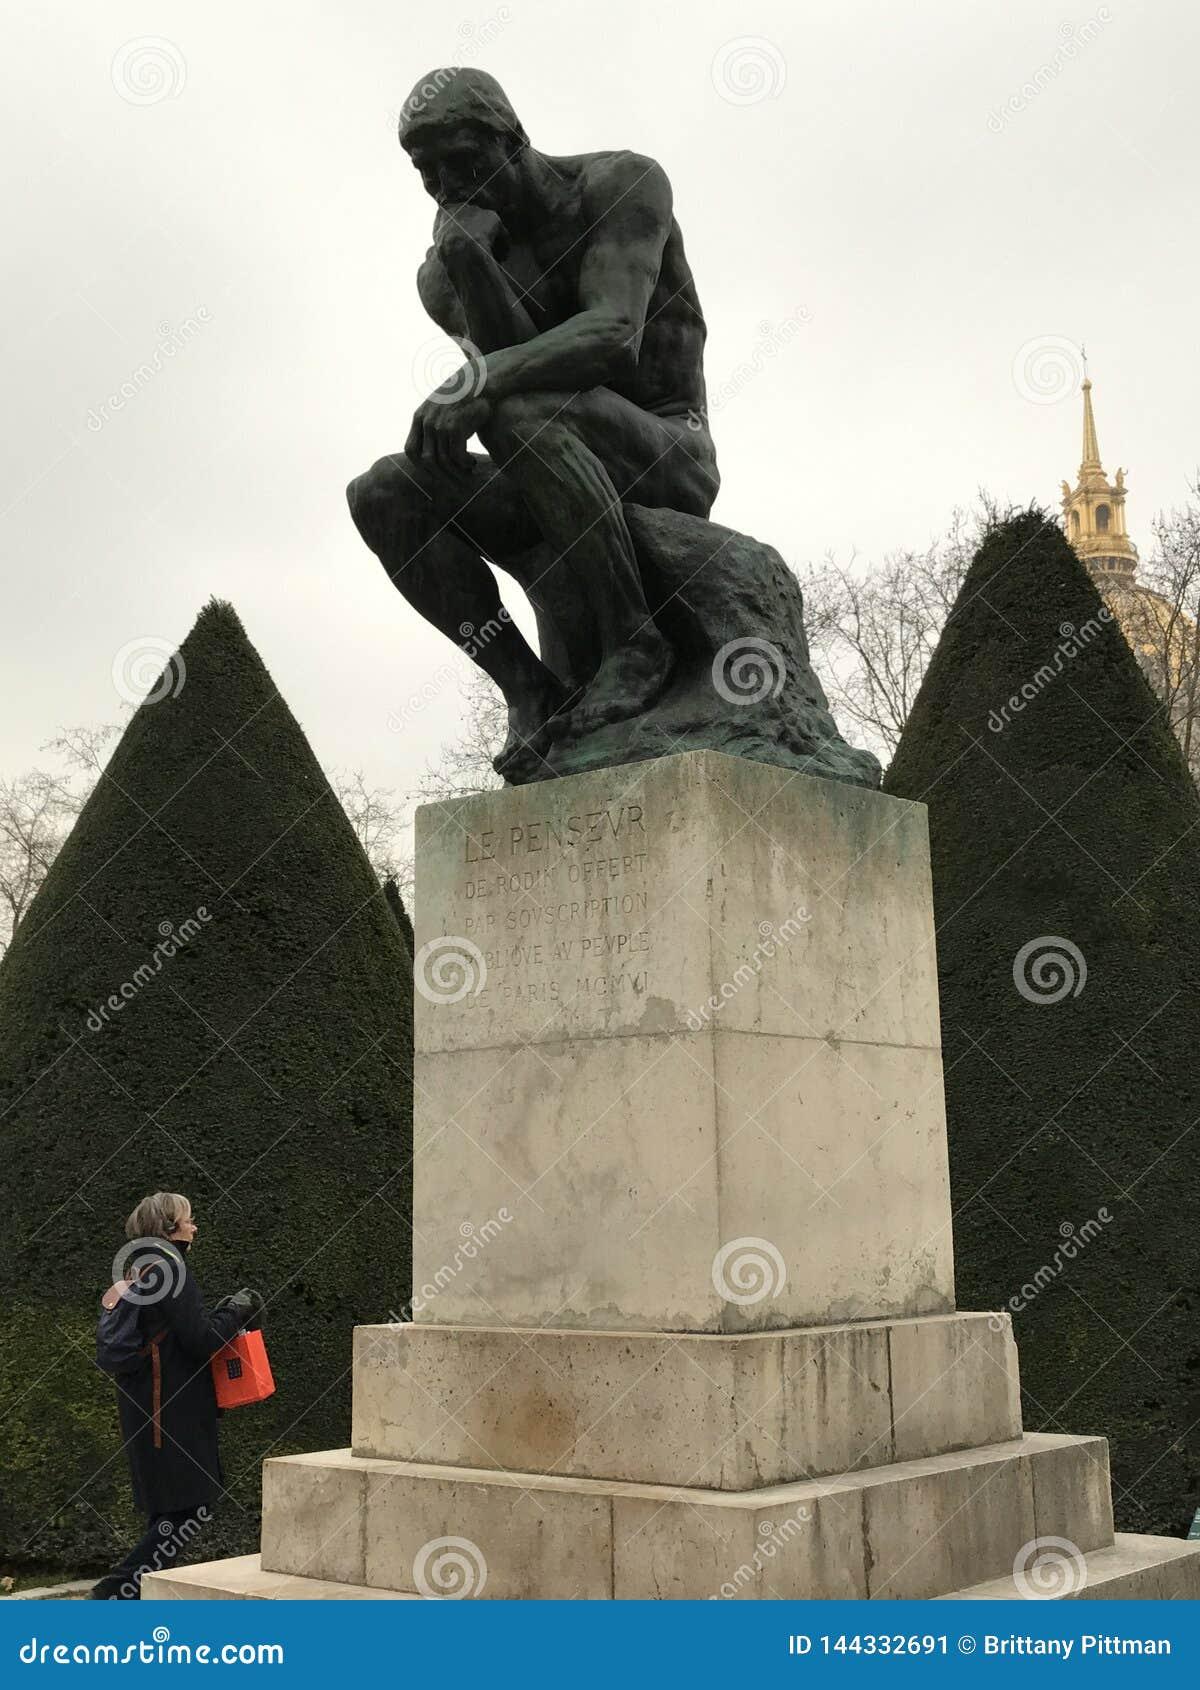 Le penseur par Rodin